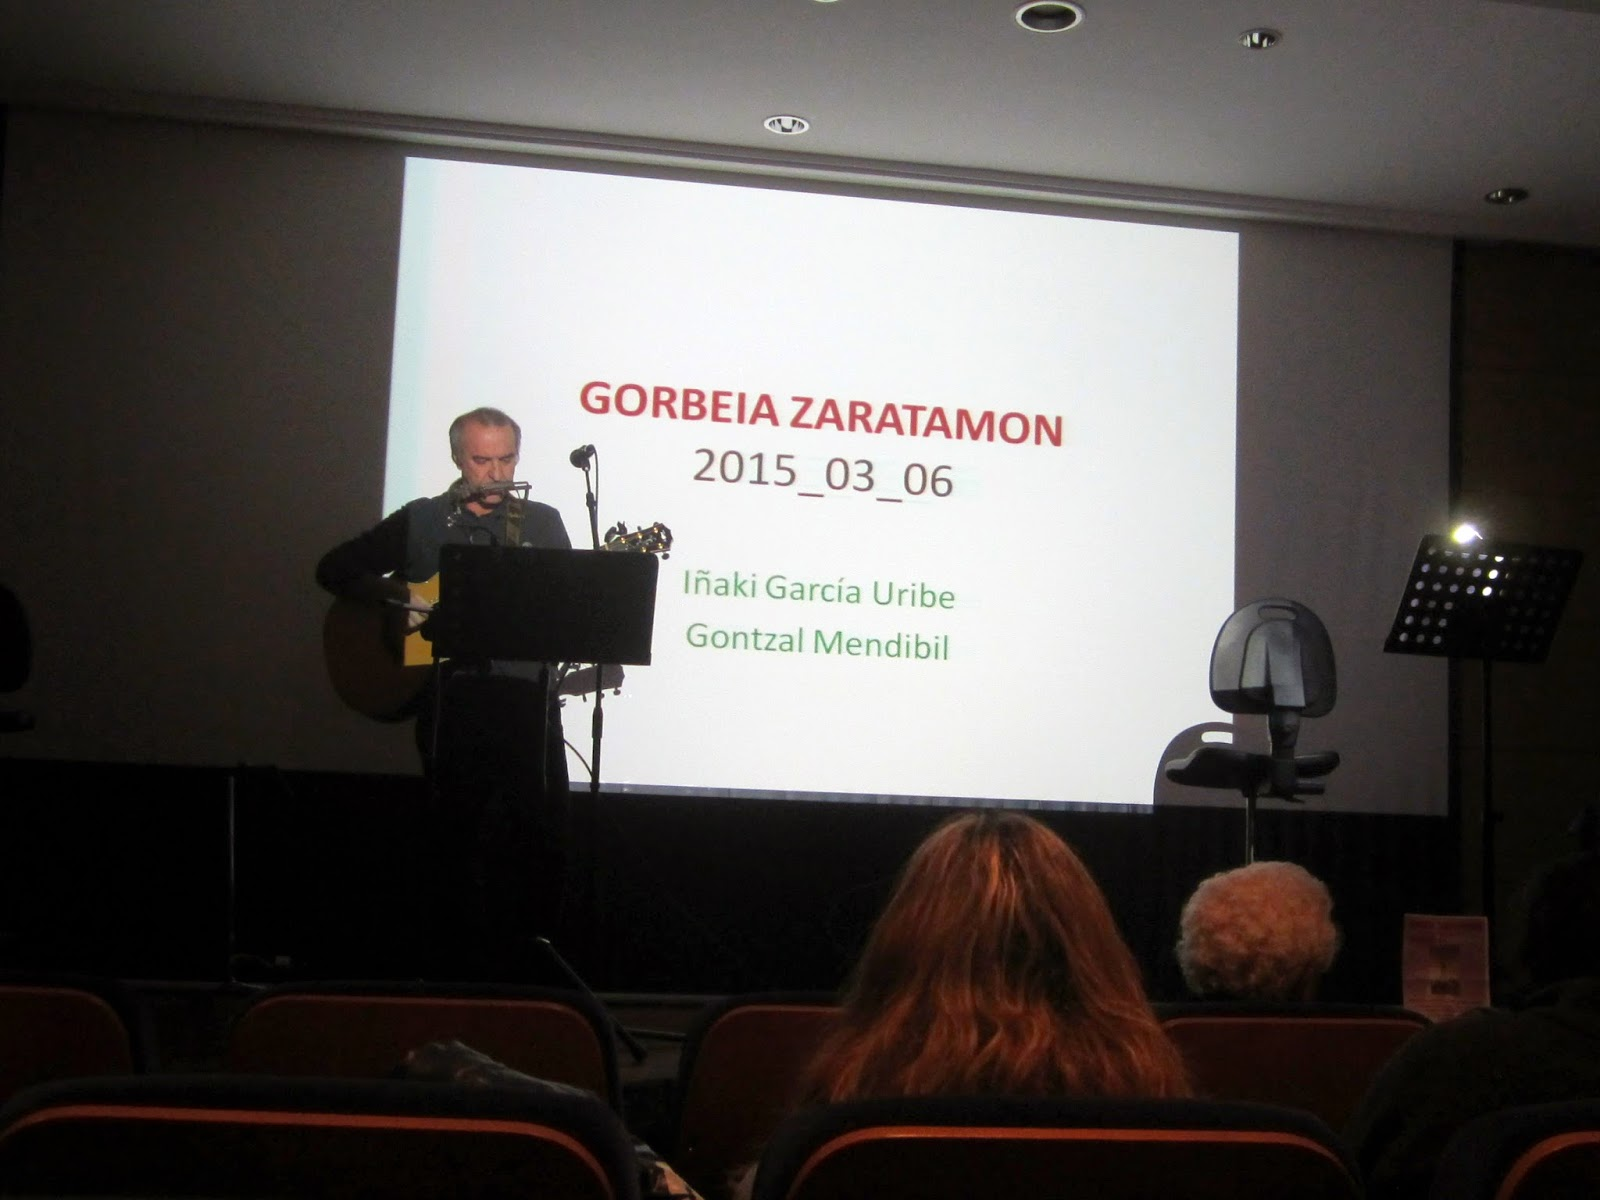 Exposición Gorbeia Zaratamon Gontzal Mendibil